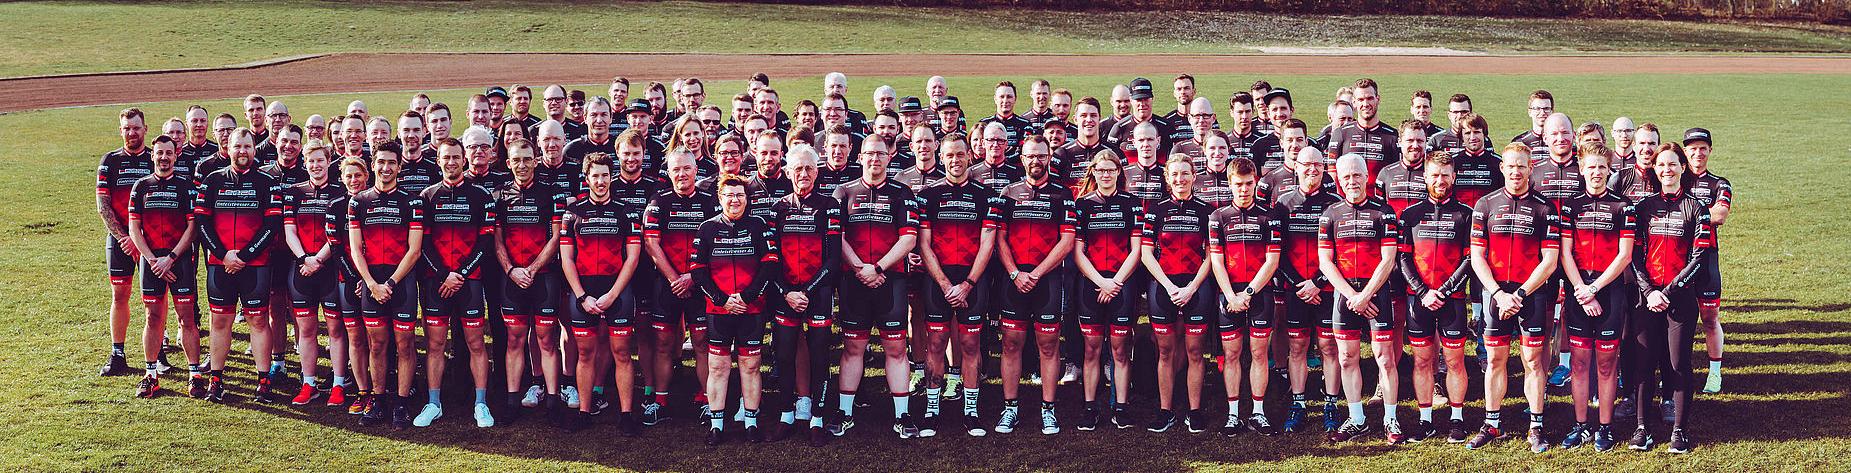 Das riesige Leeze Jedermann-Team - Mit Dowe ProSeries Trikots und Radhosen